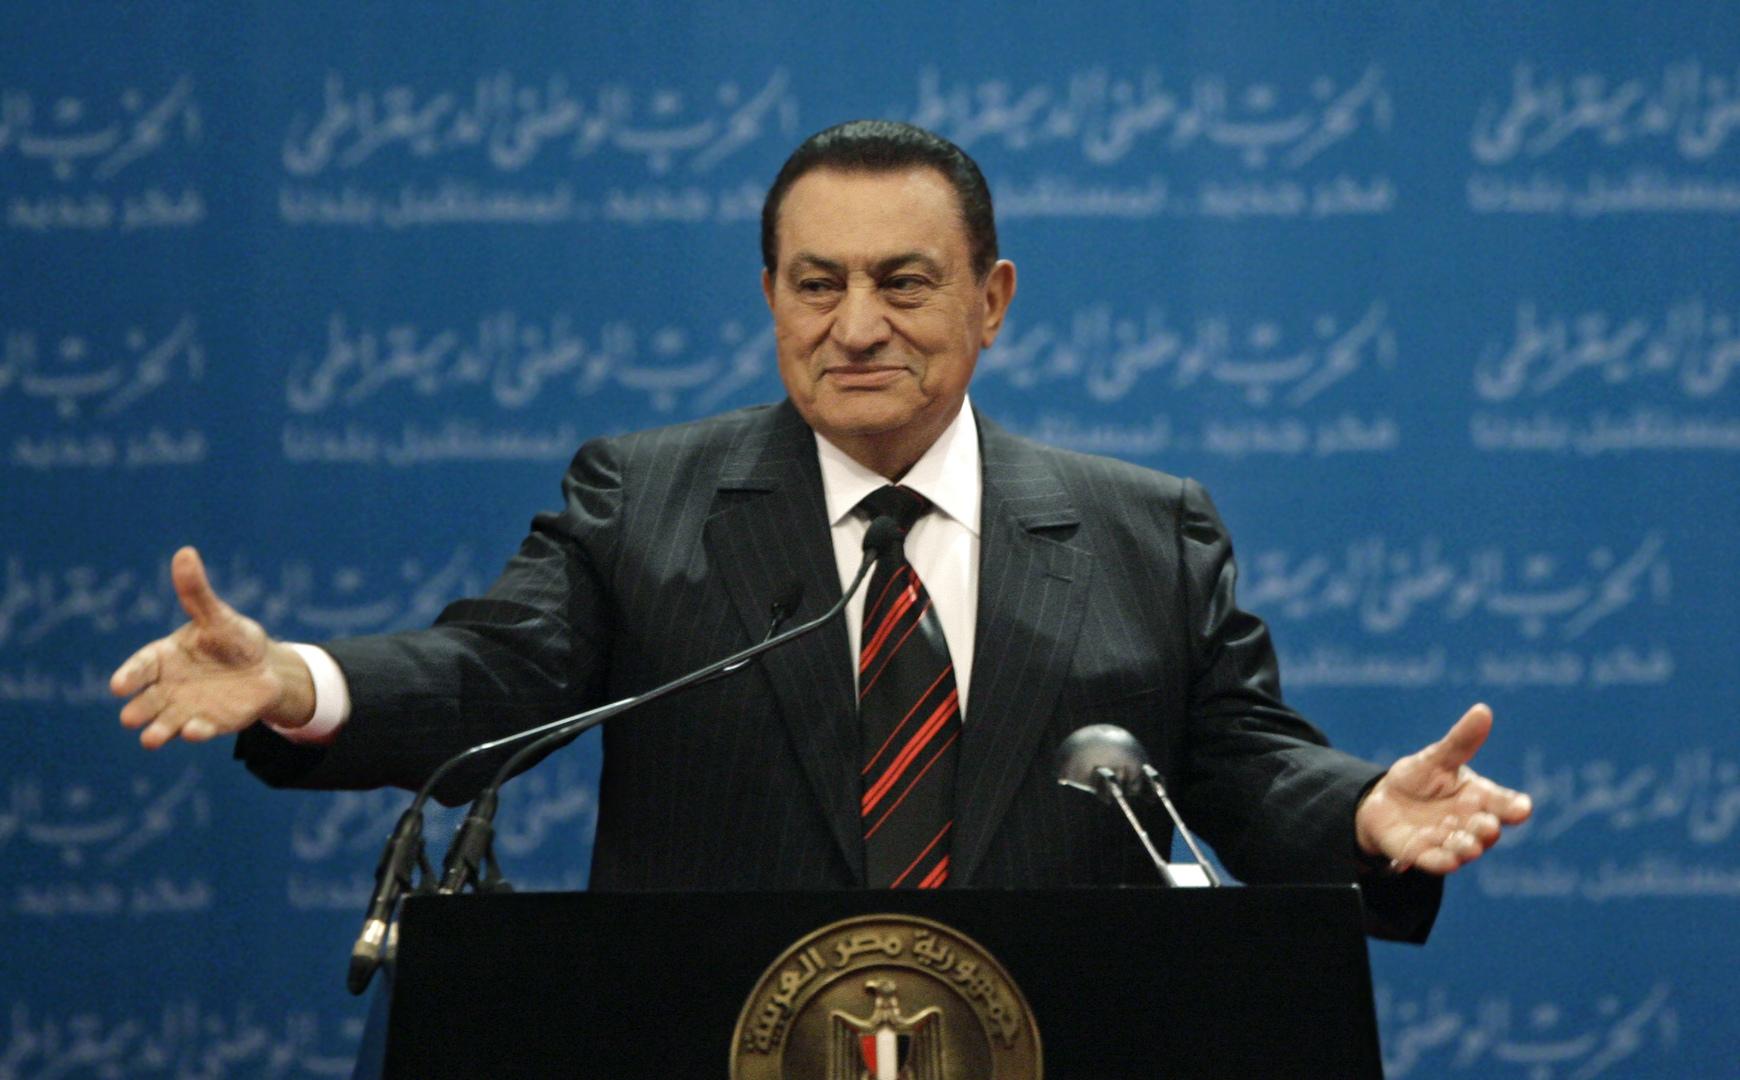 مسؤول مصري سابق يكشف تفاصيل إذاعة بيان تنحي مبارك من